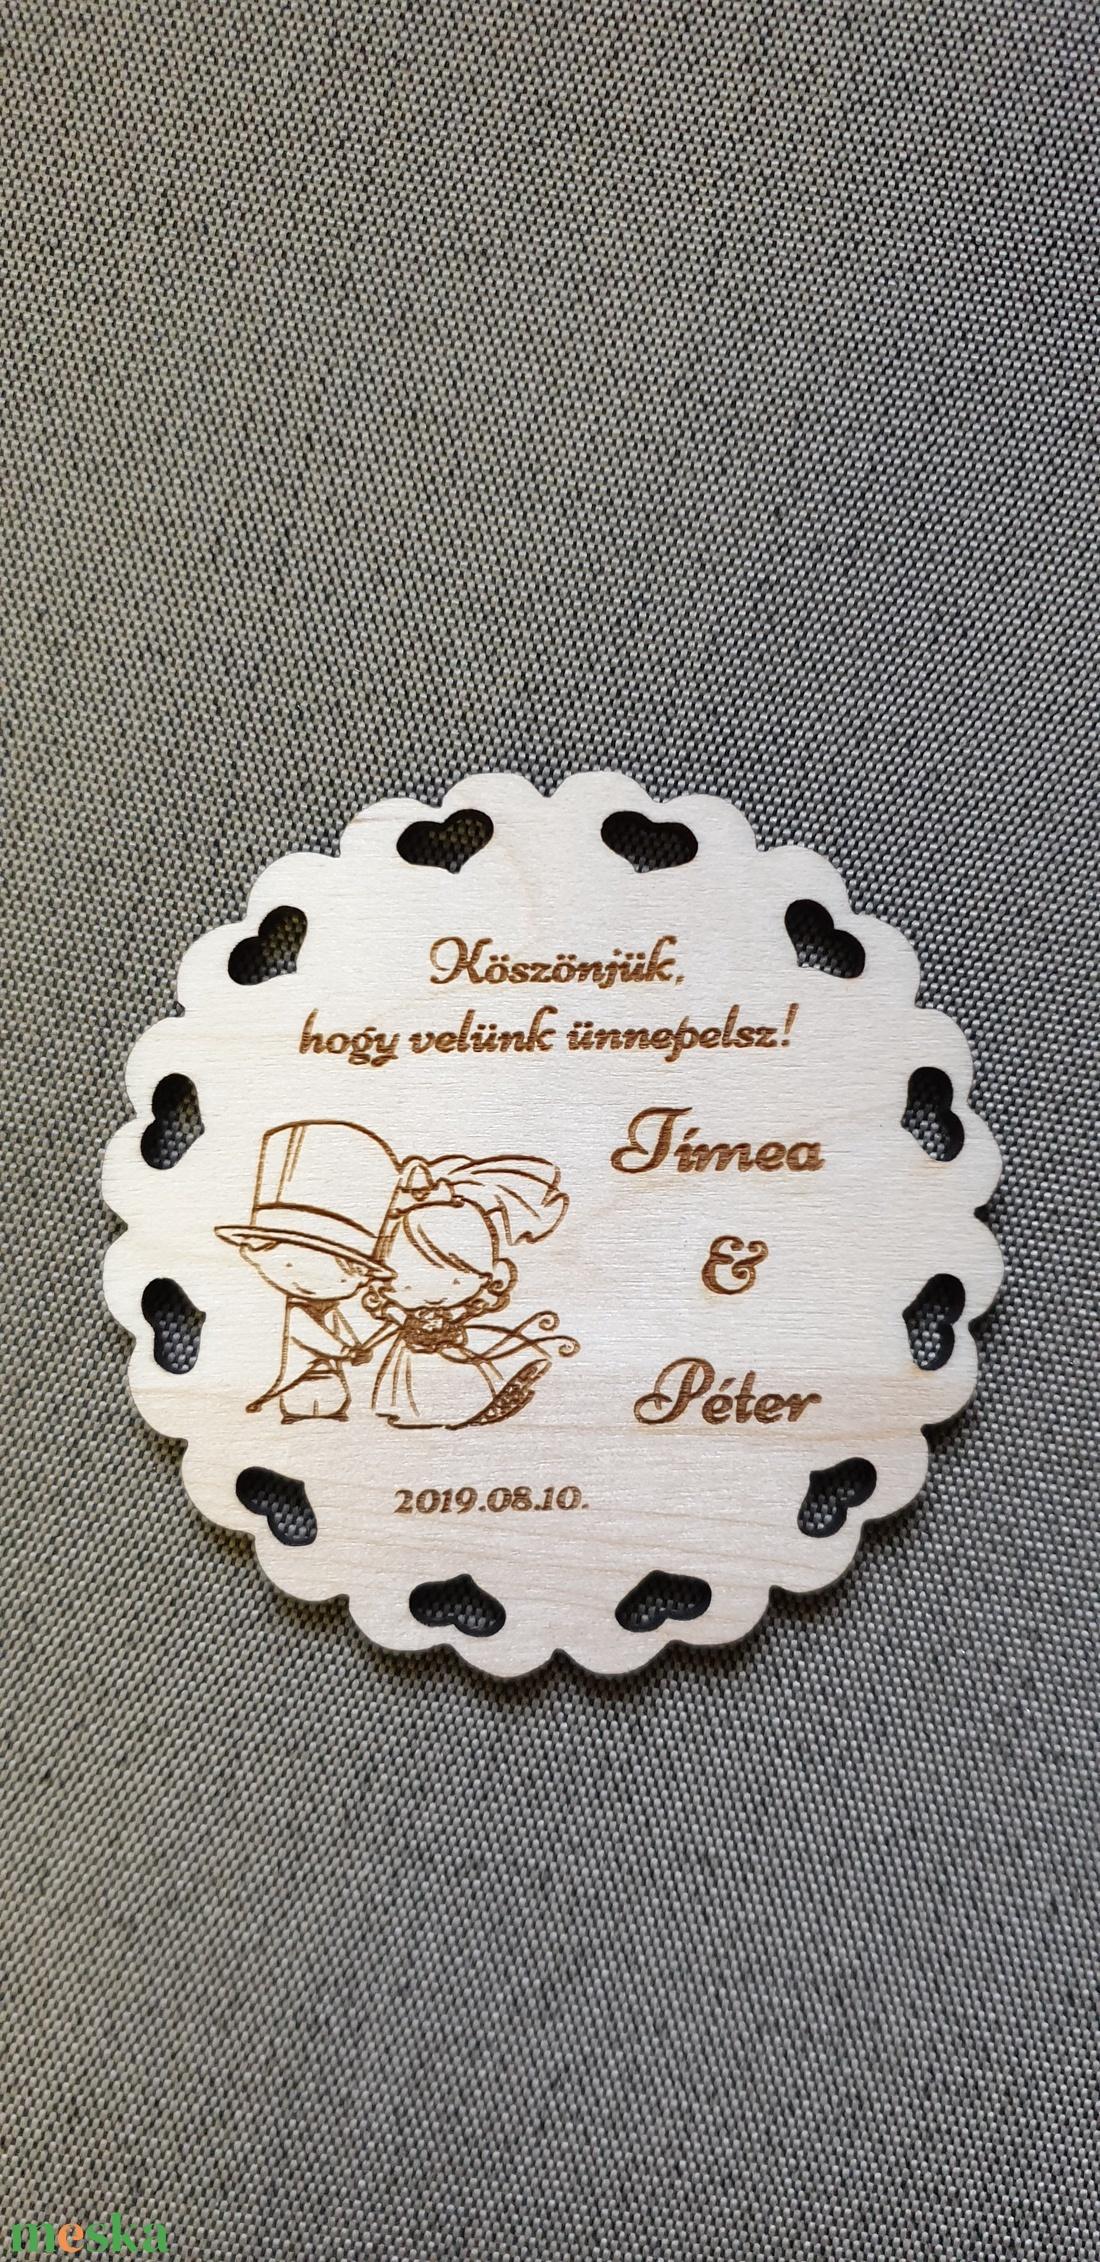 Esküvői hűtőmágnes Köszönetajándék esküvőre  (Sysssy) - Meska.hu